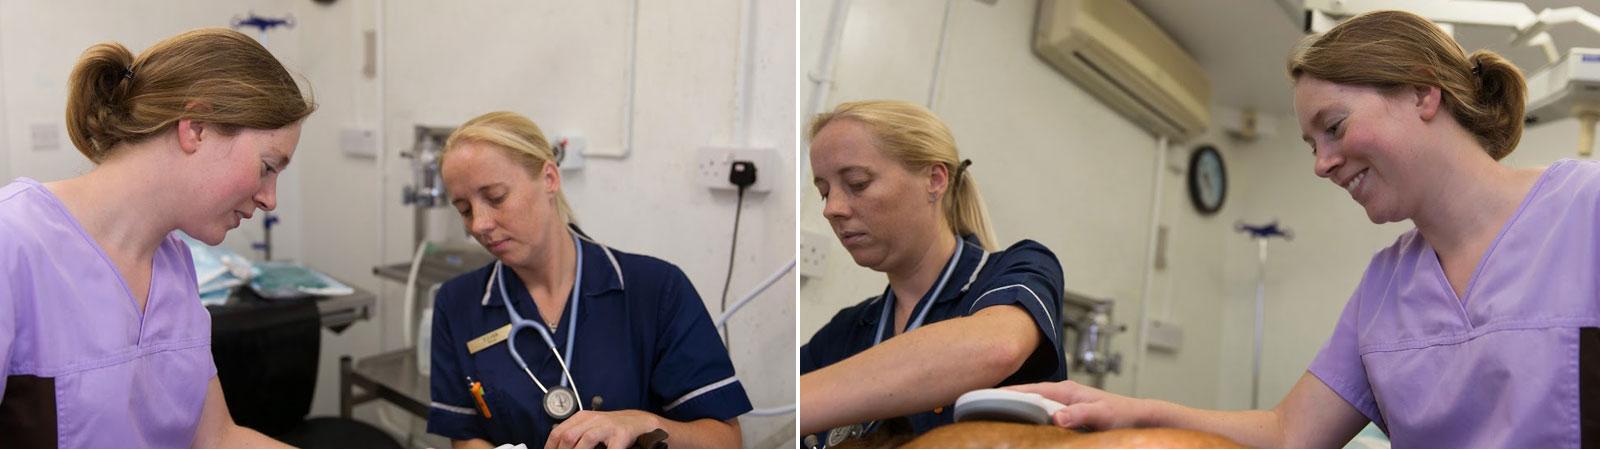 nurse-clinic